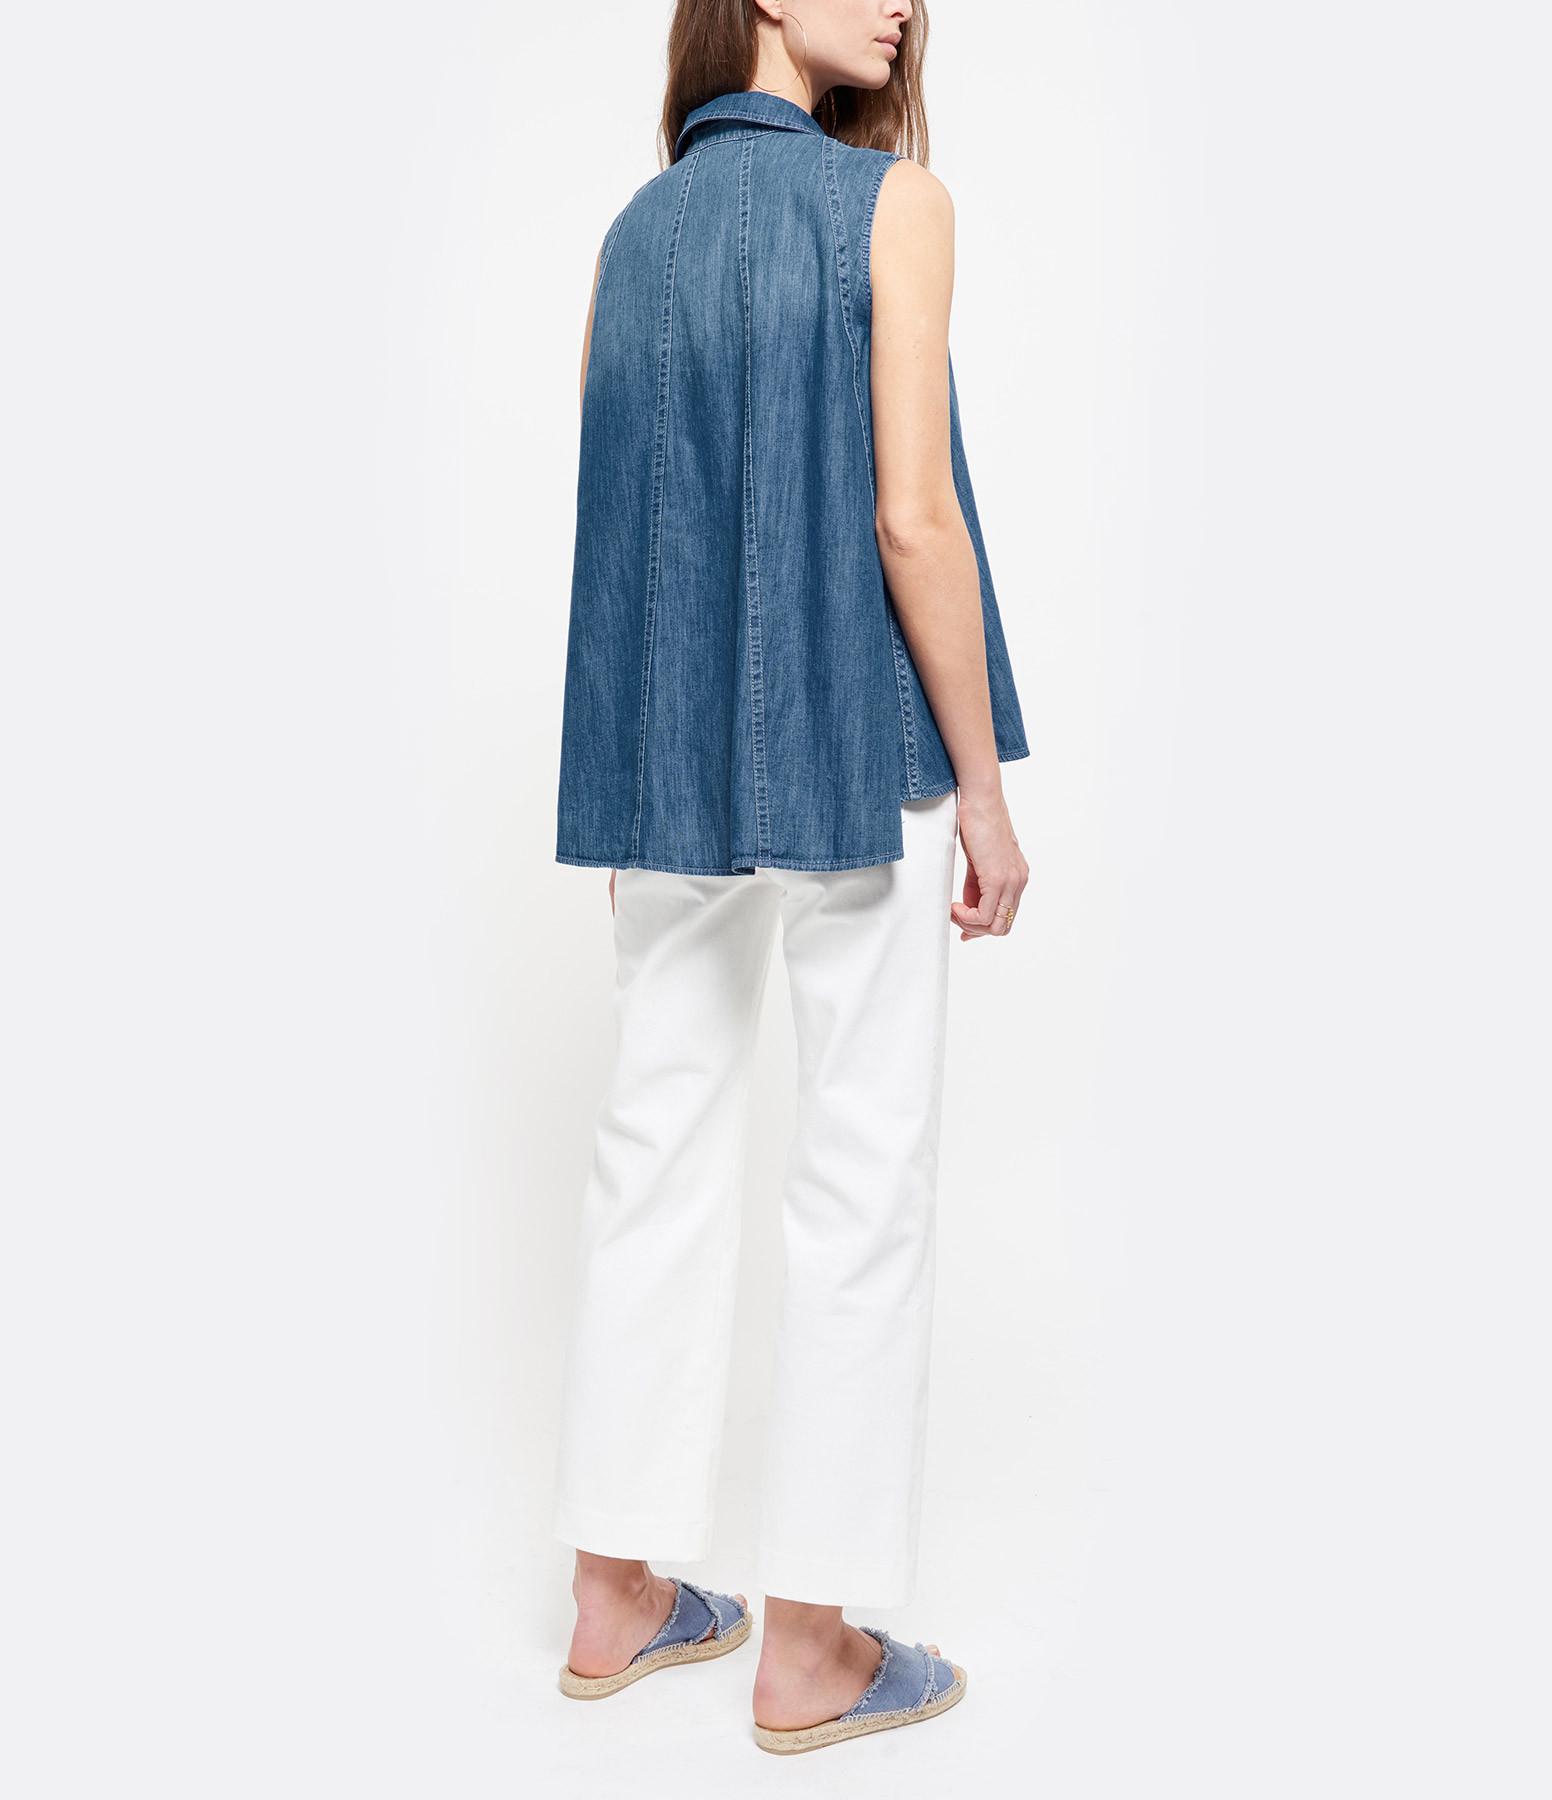 HANA SAN - Chemise Chiro Bleu